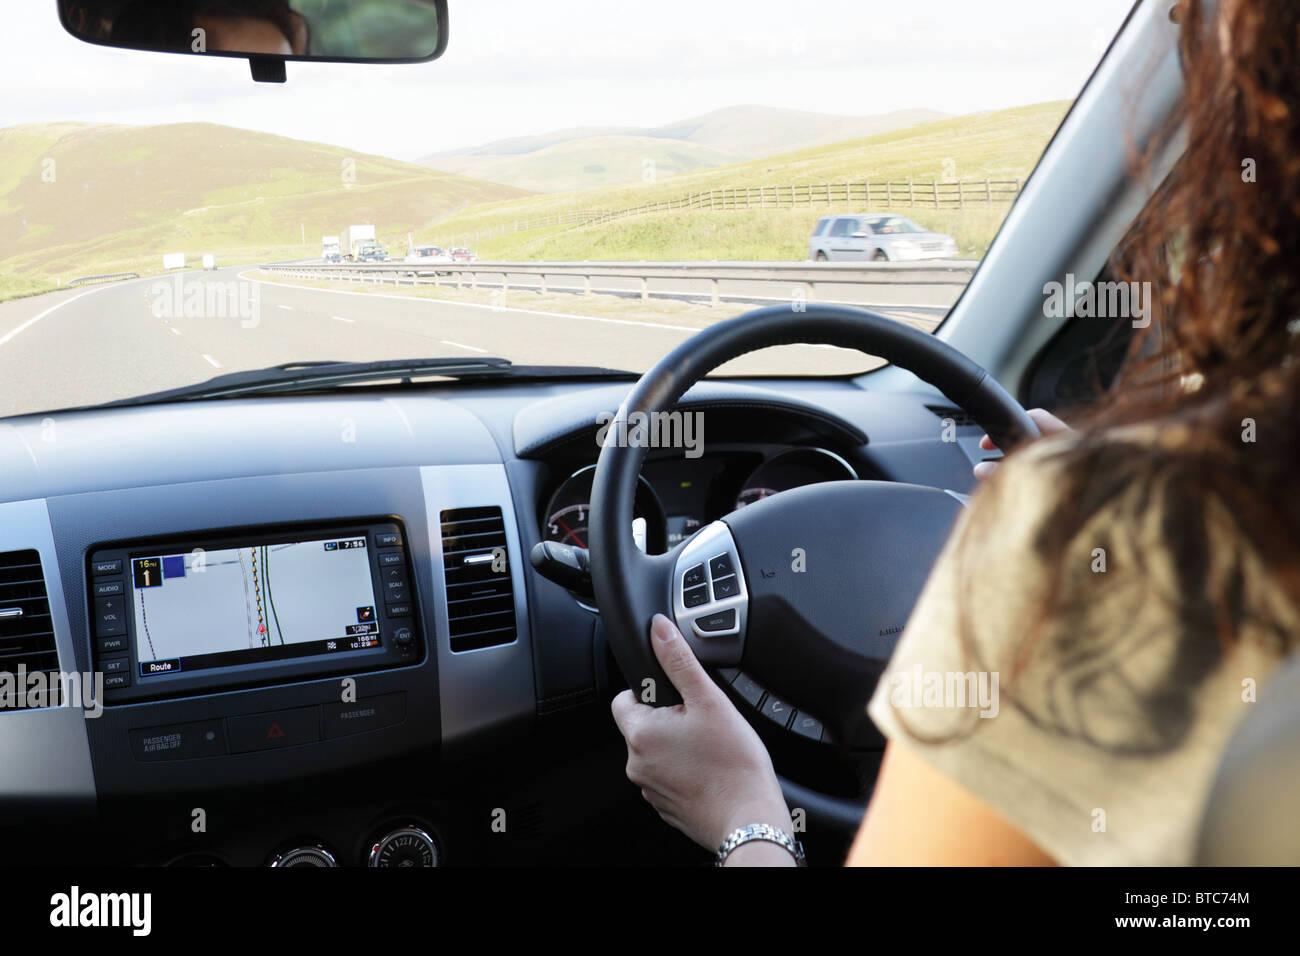 Guida di un auto Immagini Stock